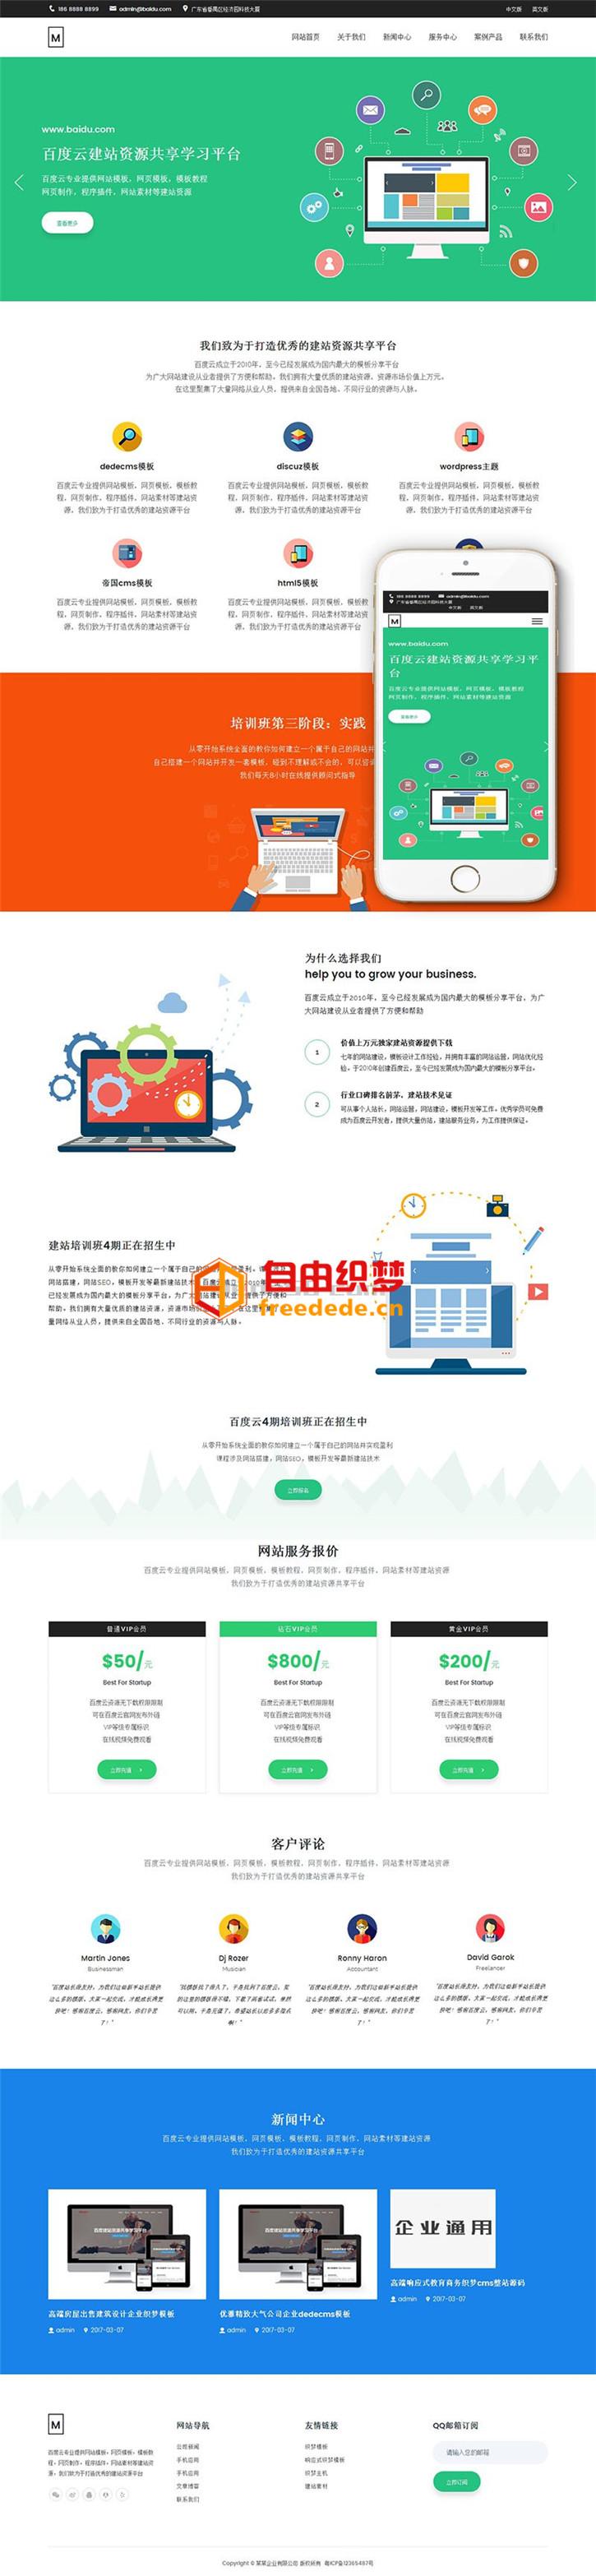 爱上源码网文章dedecms网站源码响应式高端绿色网站建设织梦企业模板(自适应手机端)的内容插图